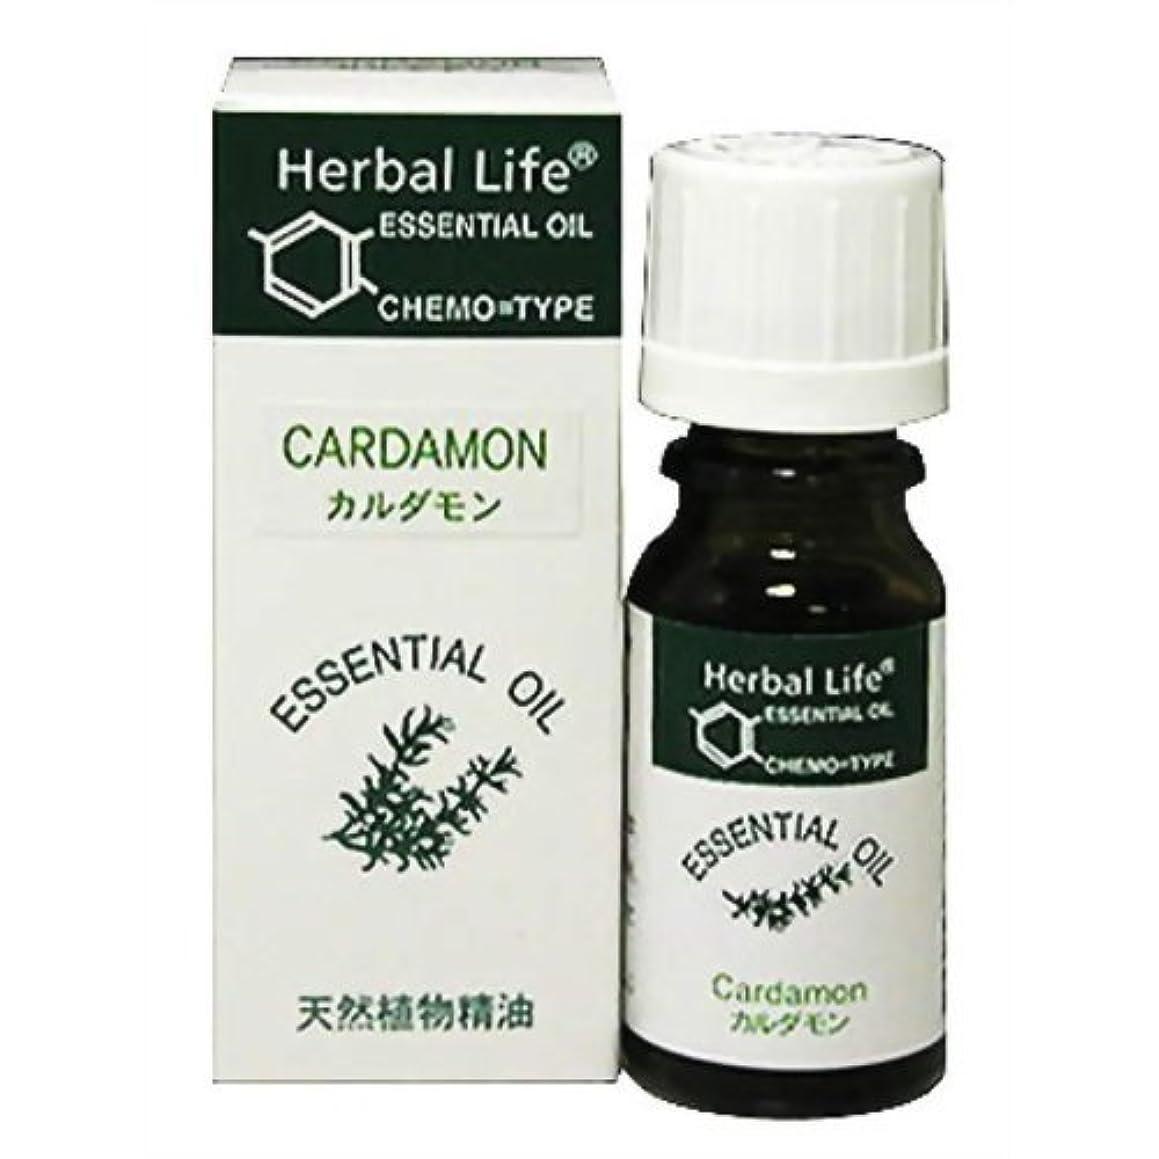 人形に対応する反発Herbal Life カルダモン 10ml